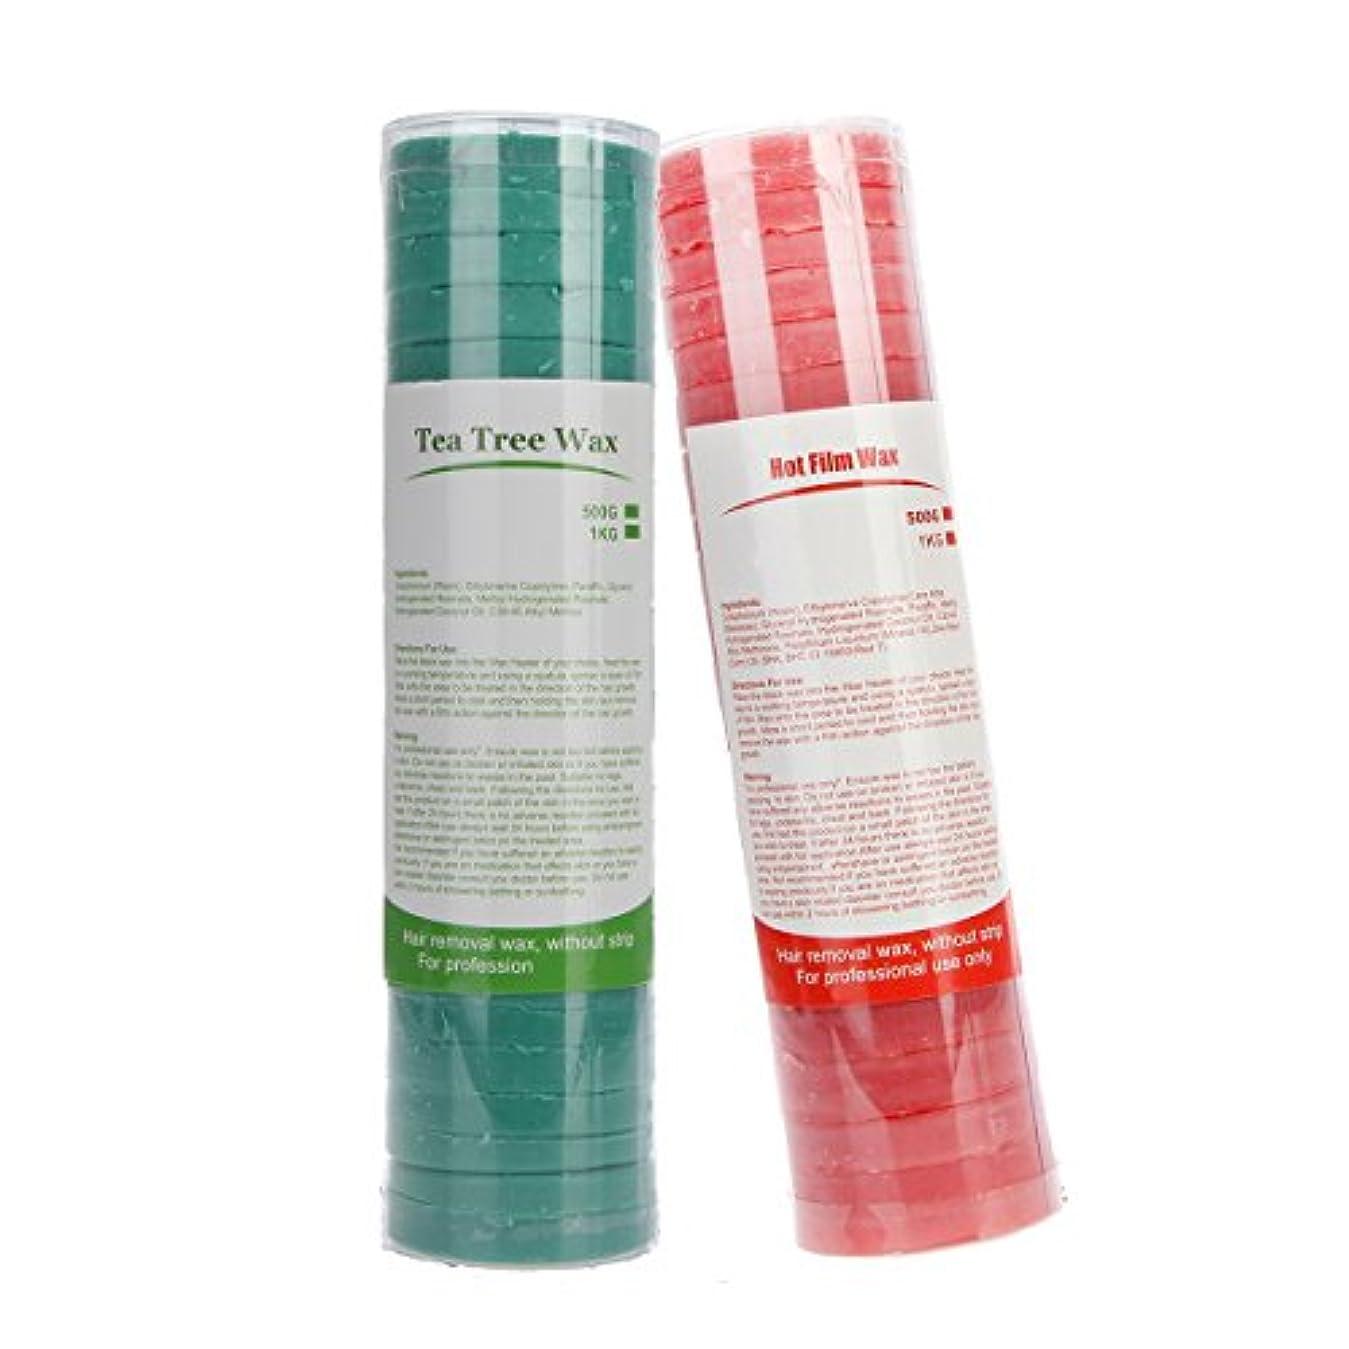 心から変動する置換(アーニェメイ)Bonjanvye 脱毛 ワックス ハード 500g 2缶 ブラジリアンワックス ハードタイプ ワックス脱毛 キット-緑茶とローズ